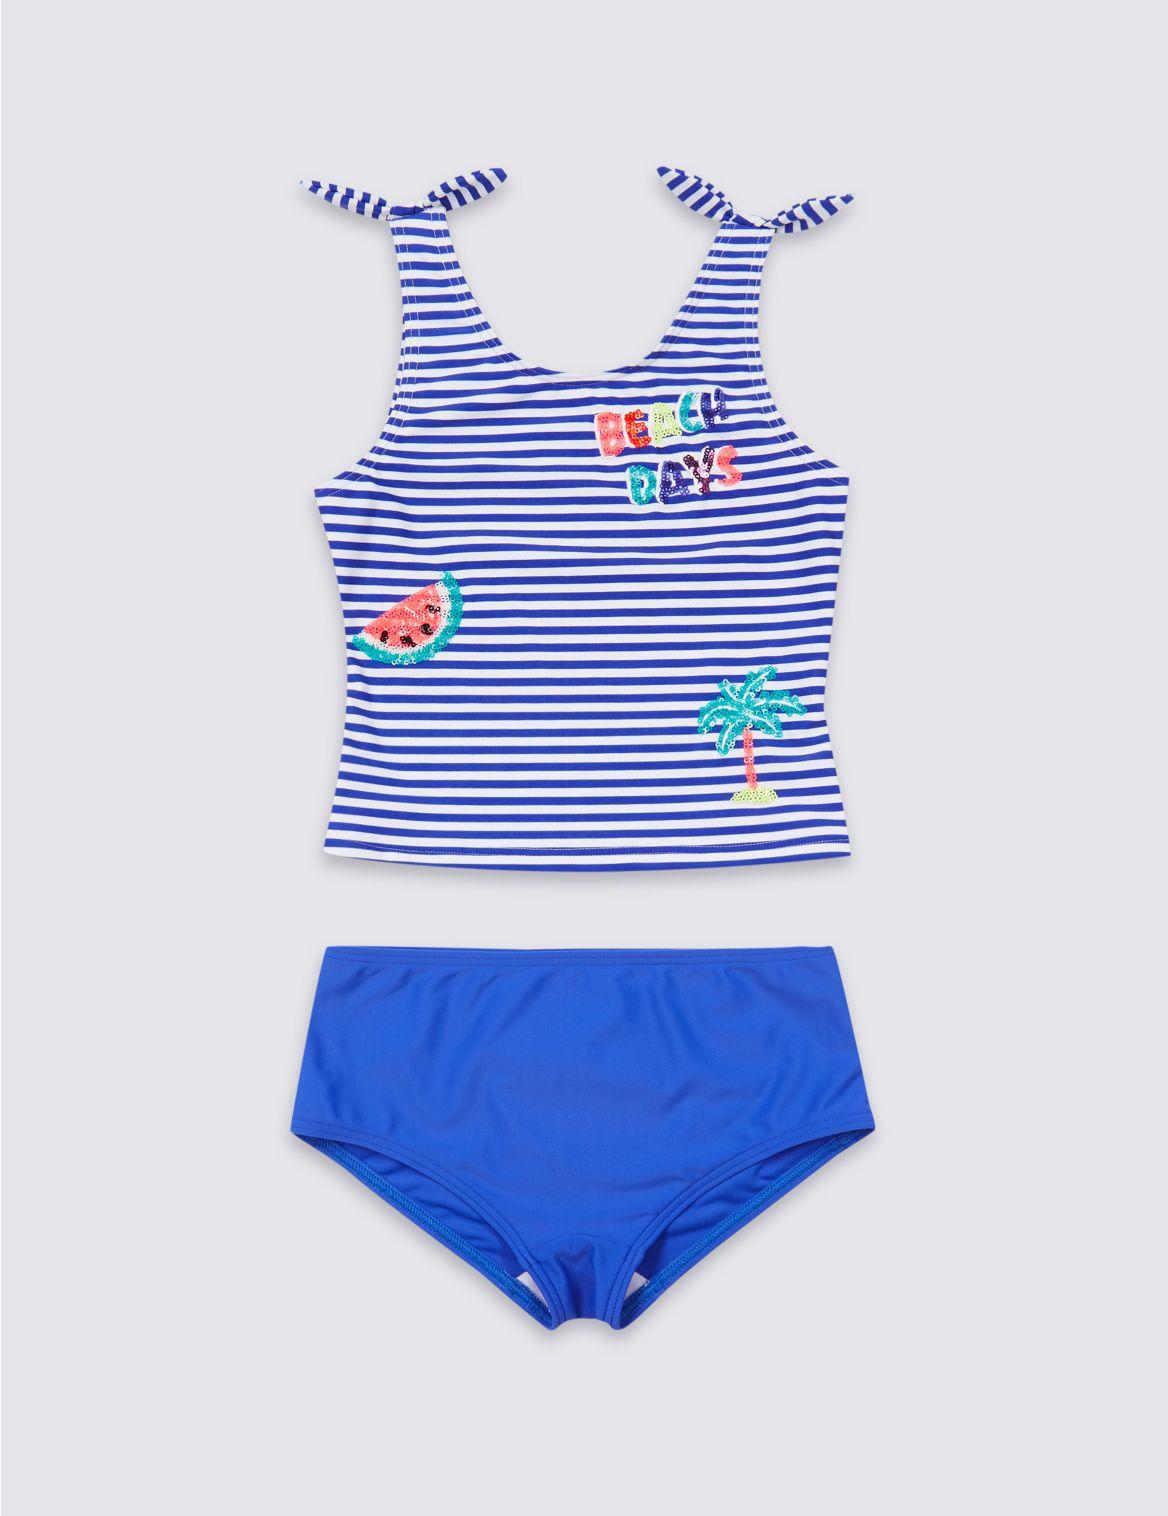 b11e7612c1 Swimwear   Swim Shorts with Sun Smart UPF50+ pink mix